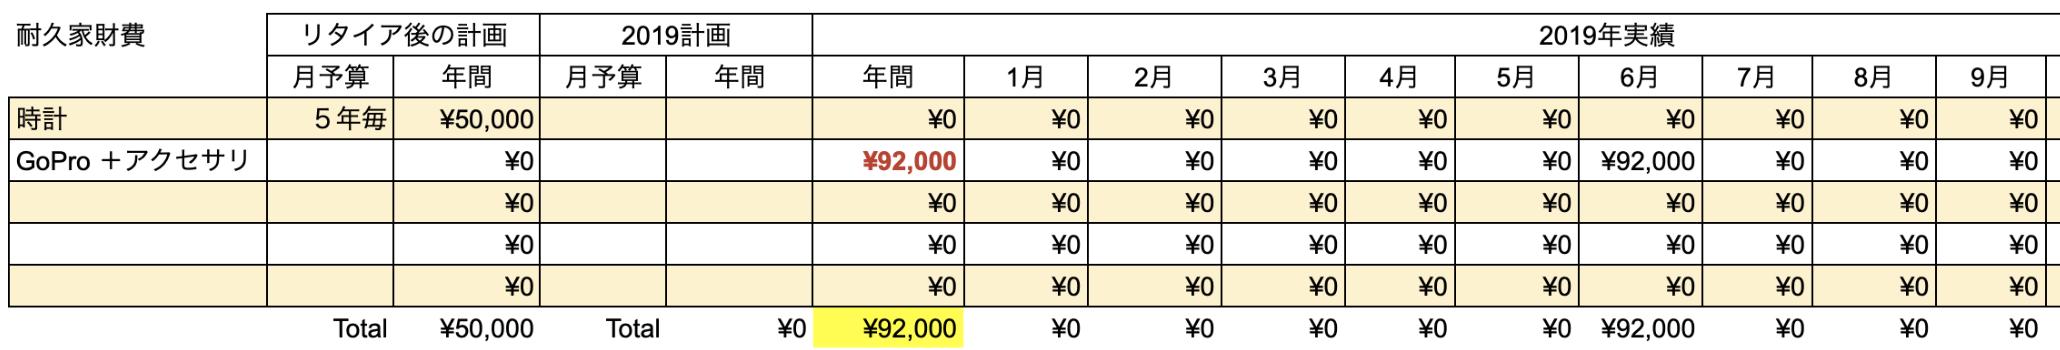 支出実績2019_09月_耐久家財費